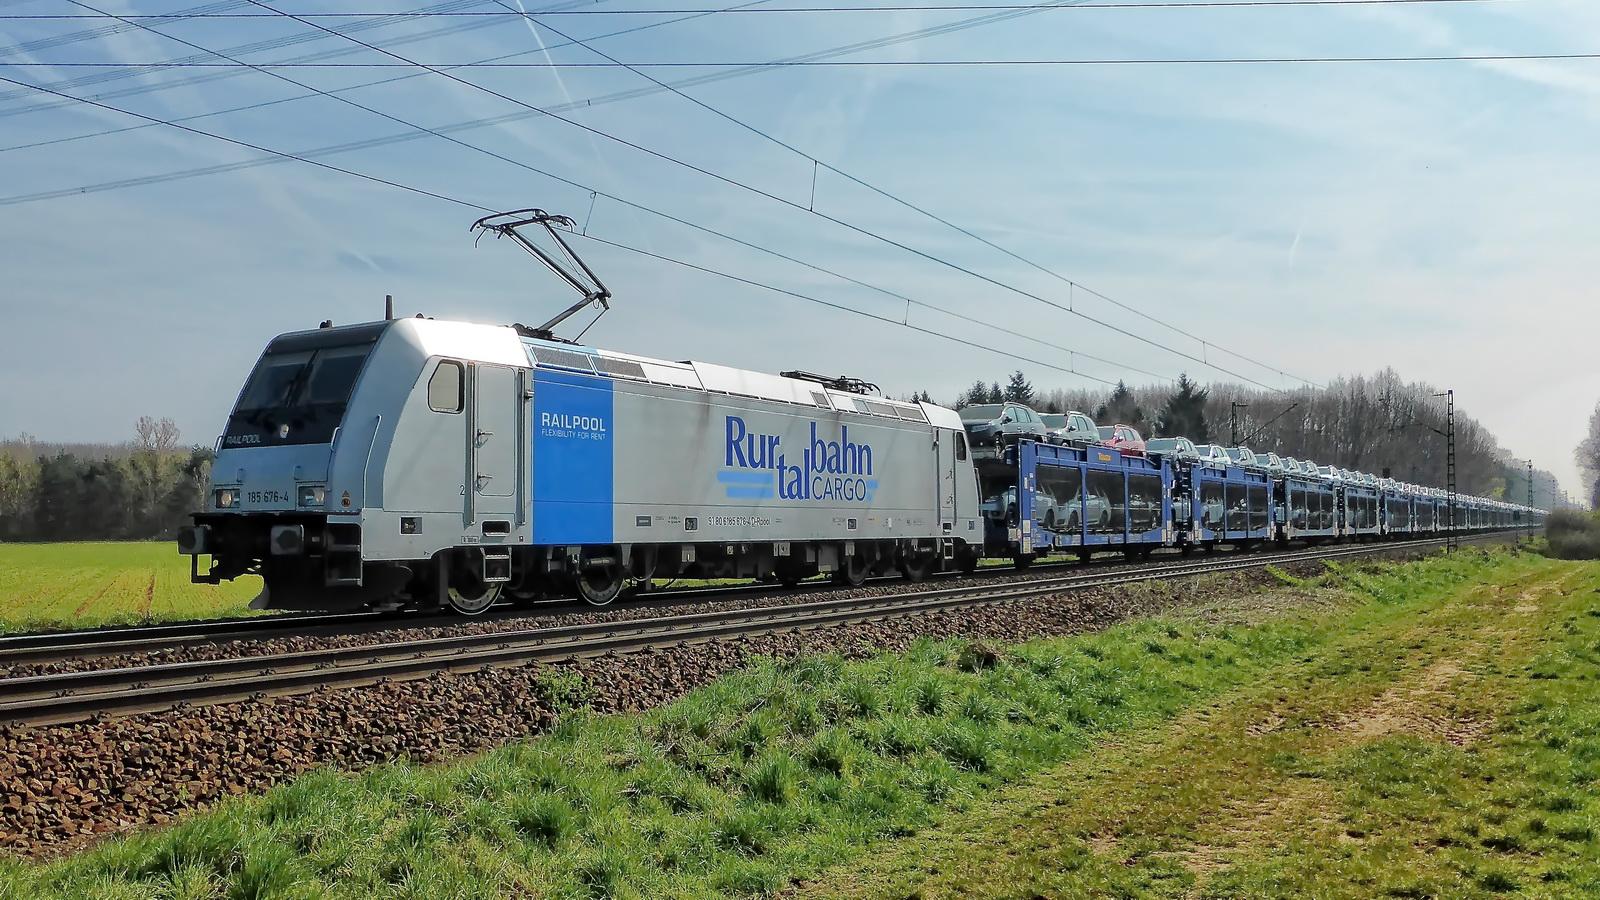 185 676-4 Railpool Rurtalbahn Cargo mit einem Autotransport